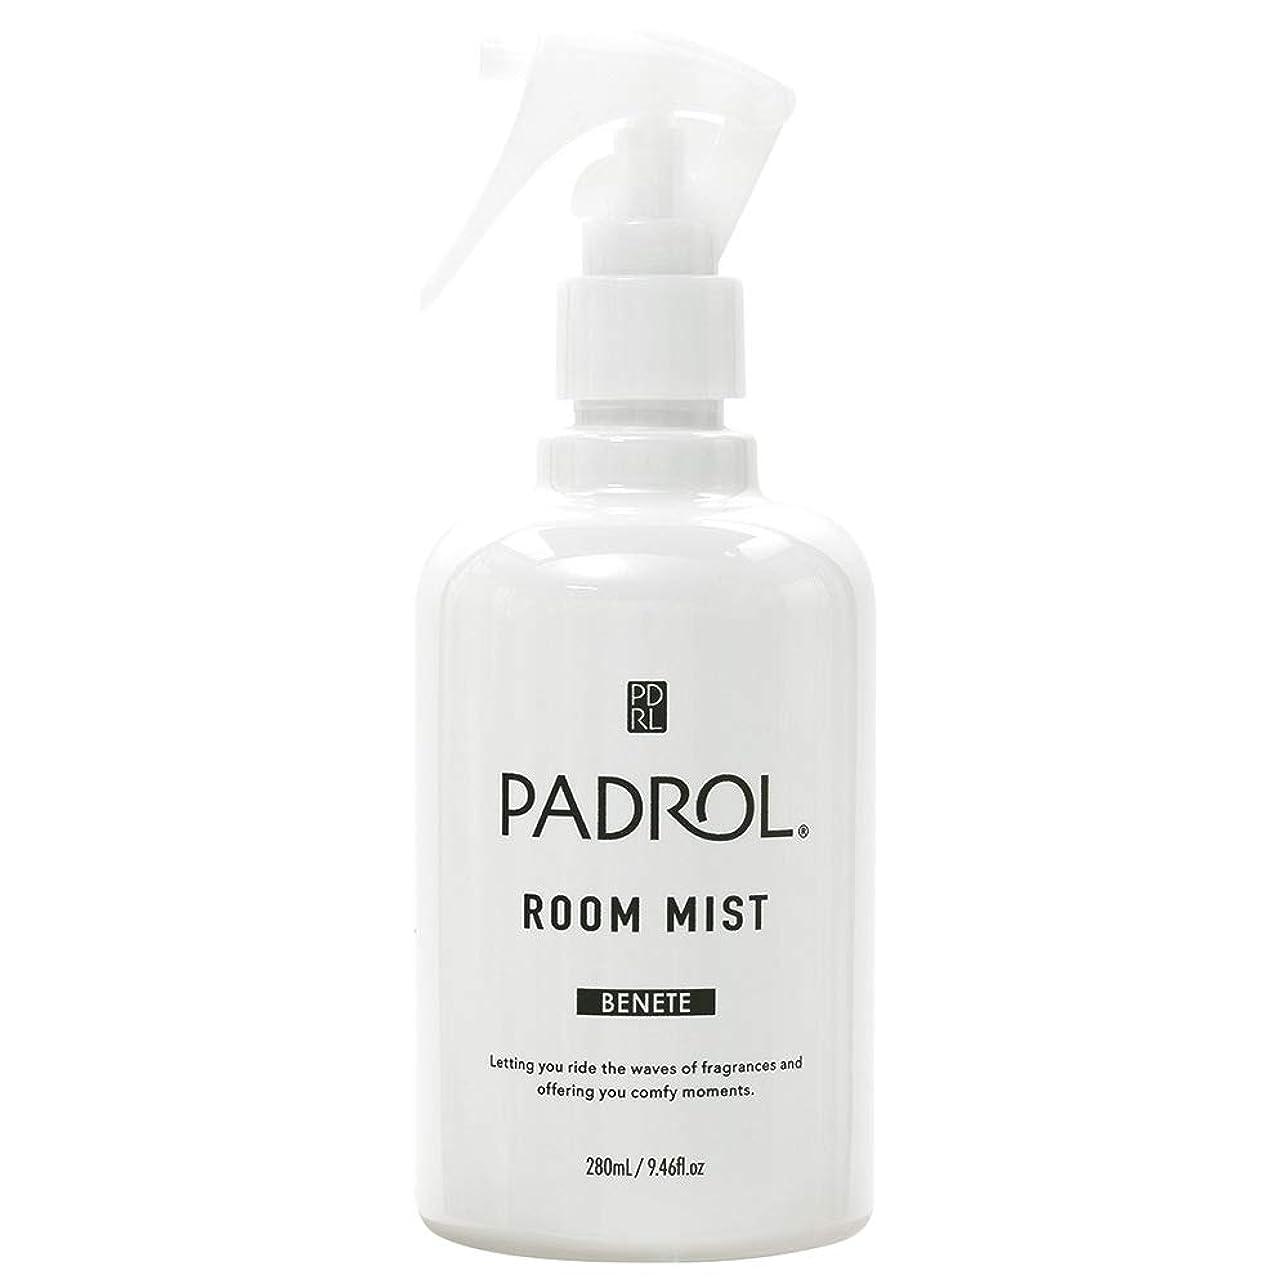 メディカル近代化ラッシュノルコーポレーション ルーム&ファブリックミスト パドロール PAB-2-01 ホワイトムスクの香り 280ml